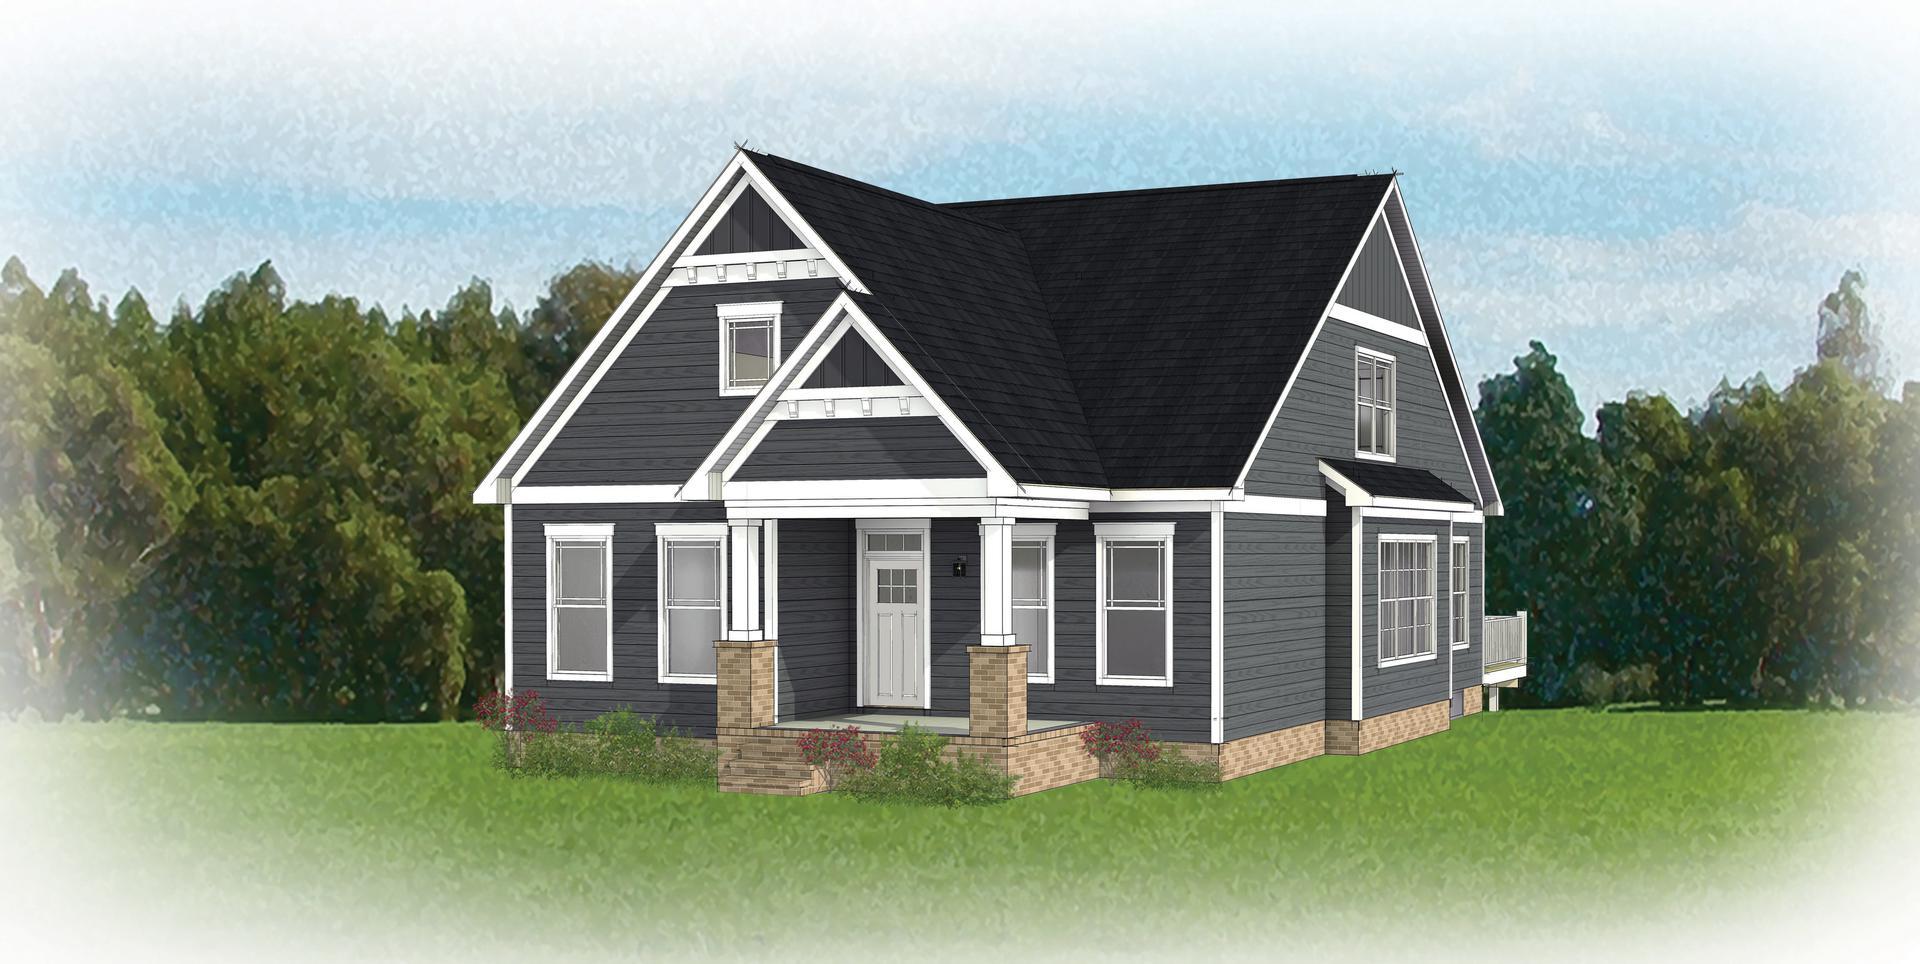 The Helena new home in Ashland VA